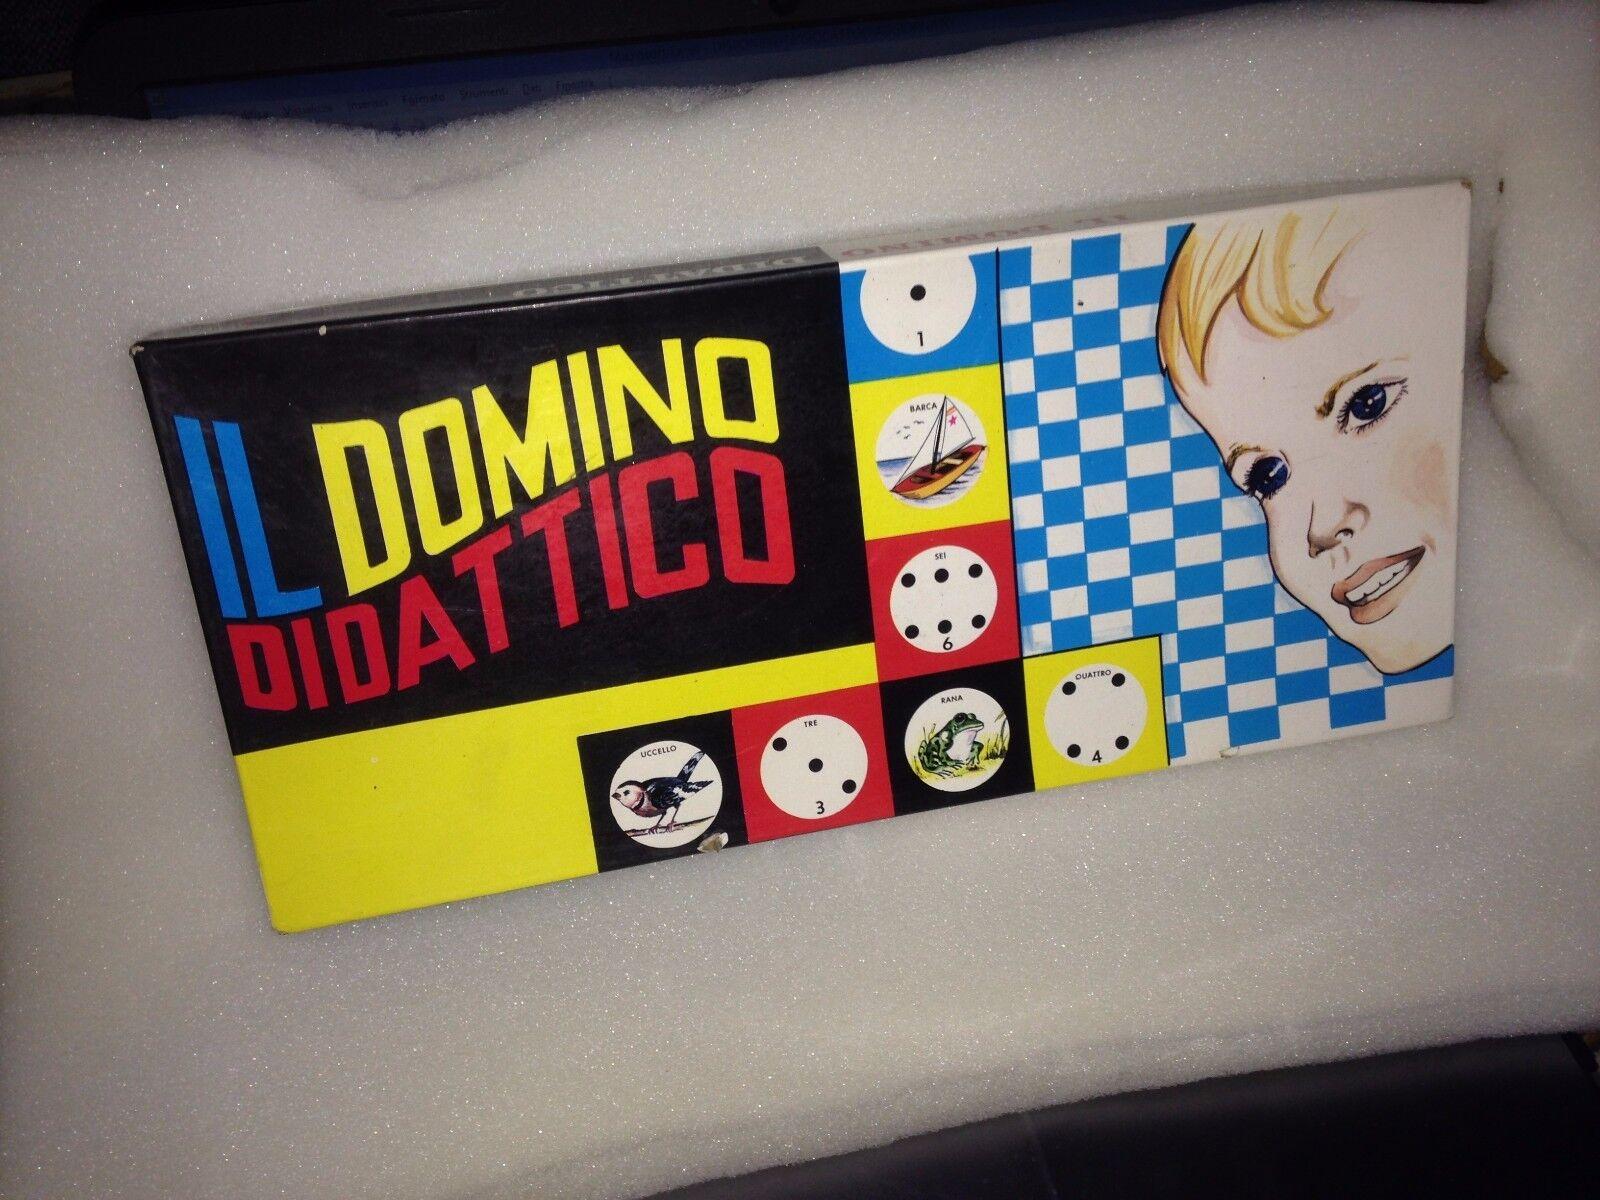 IL DOMINO DIDATTICO didactic domino  GIOCO DI SOCIETà VINTAGE board game ANNI '60  la meilleure offre de magasin en ligne